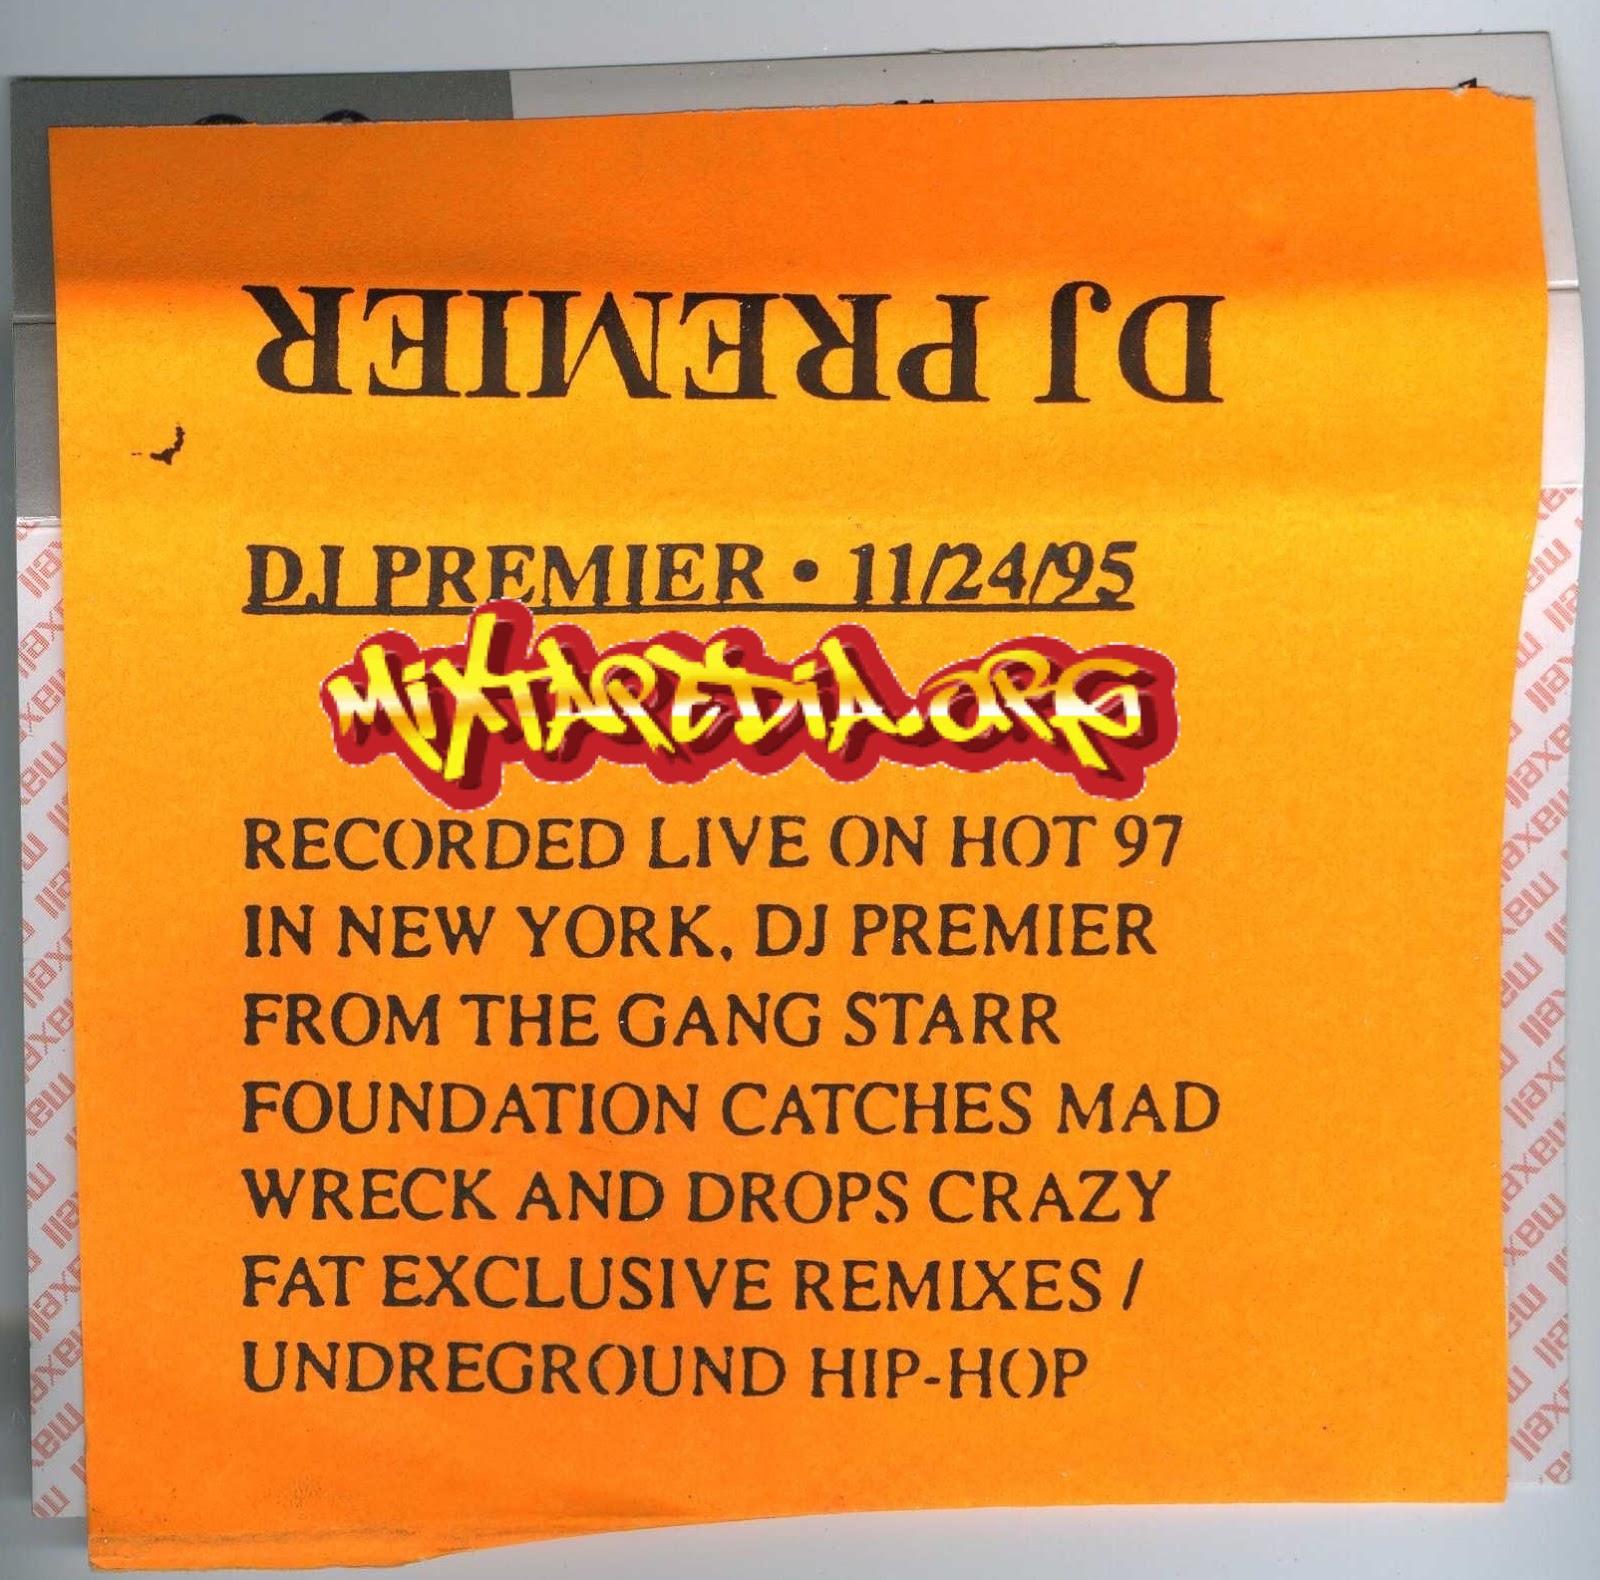 fatman-scoop-dj-premier-hot97-mixmasters-weekend-24-november.jpg